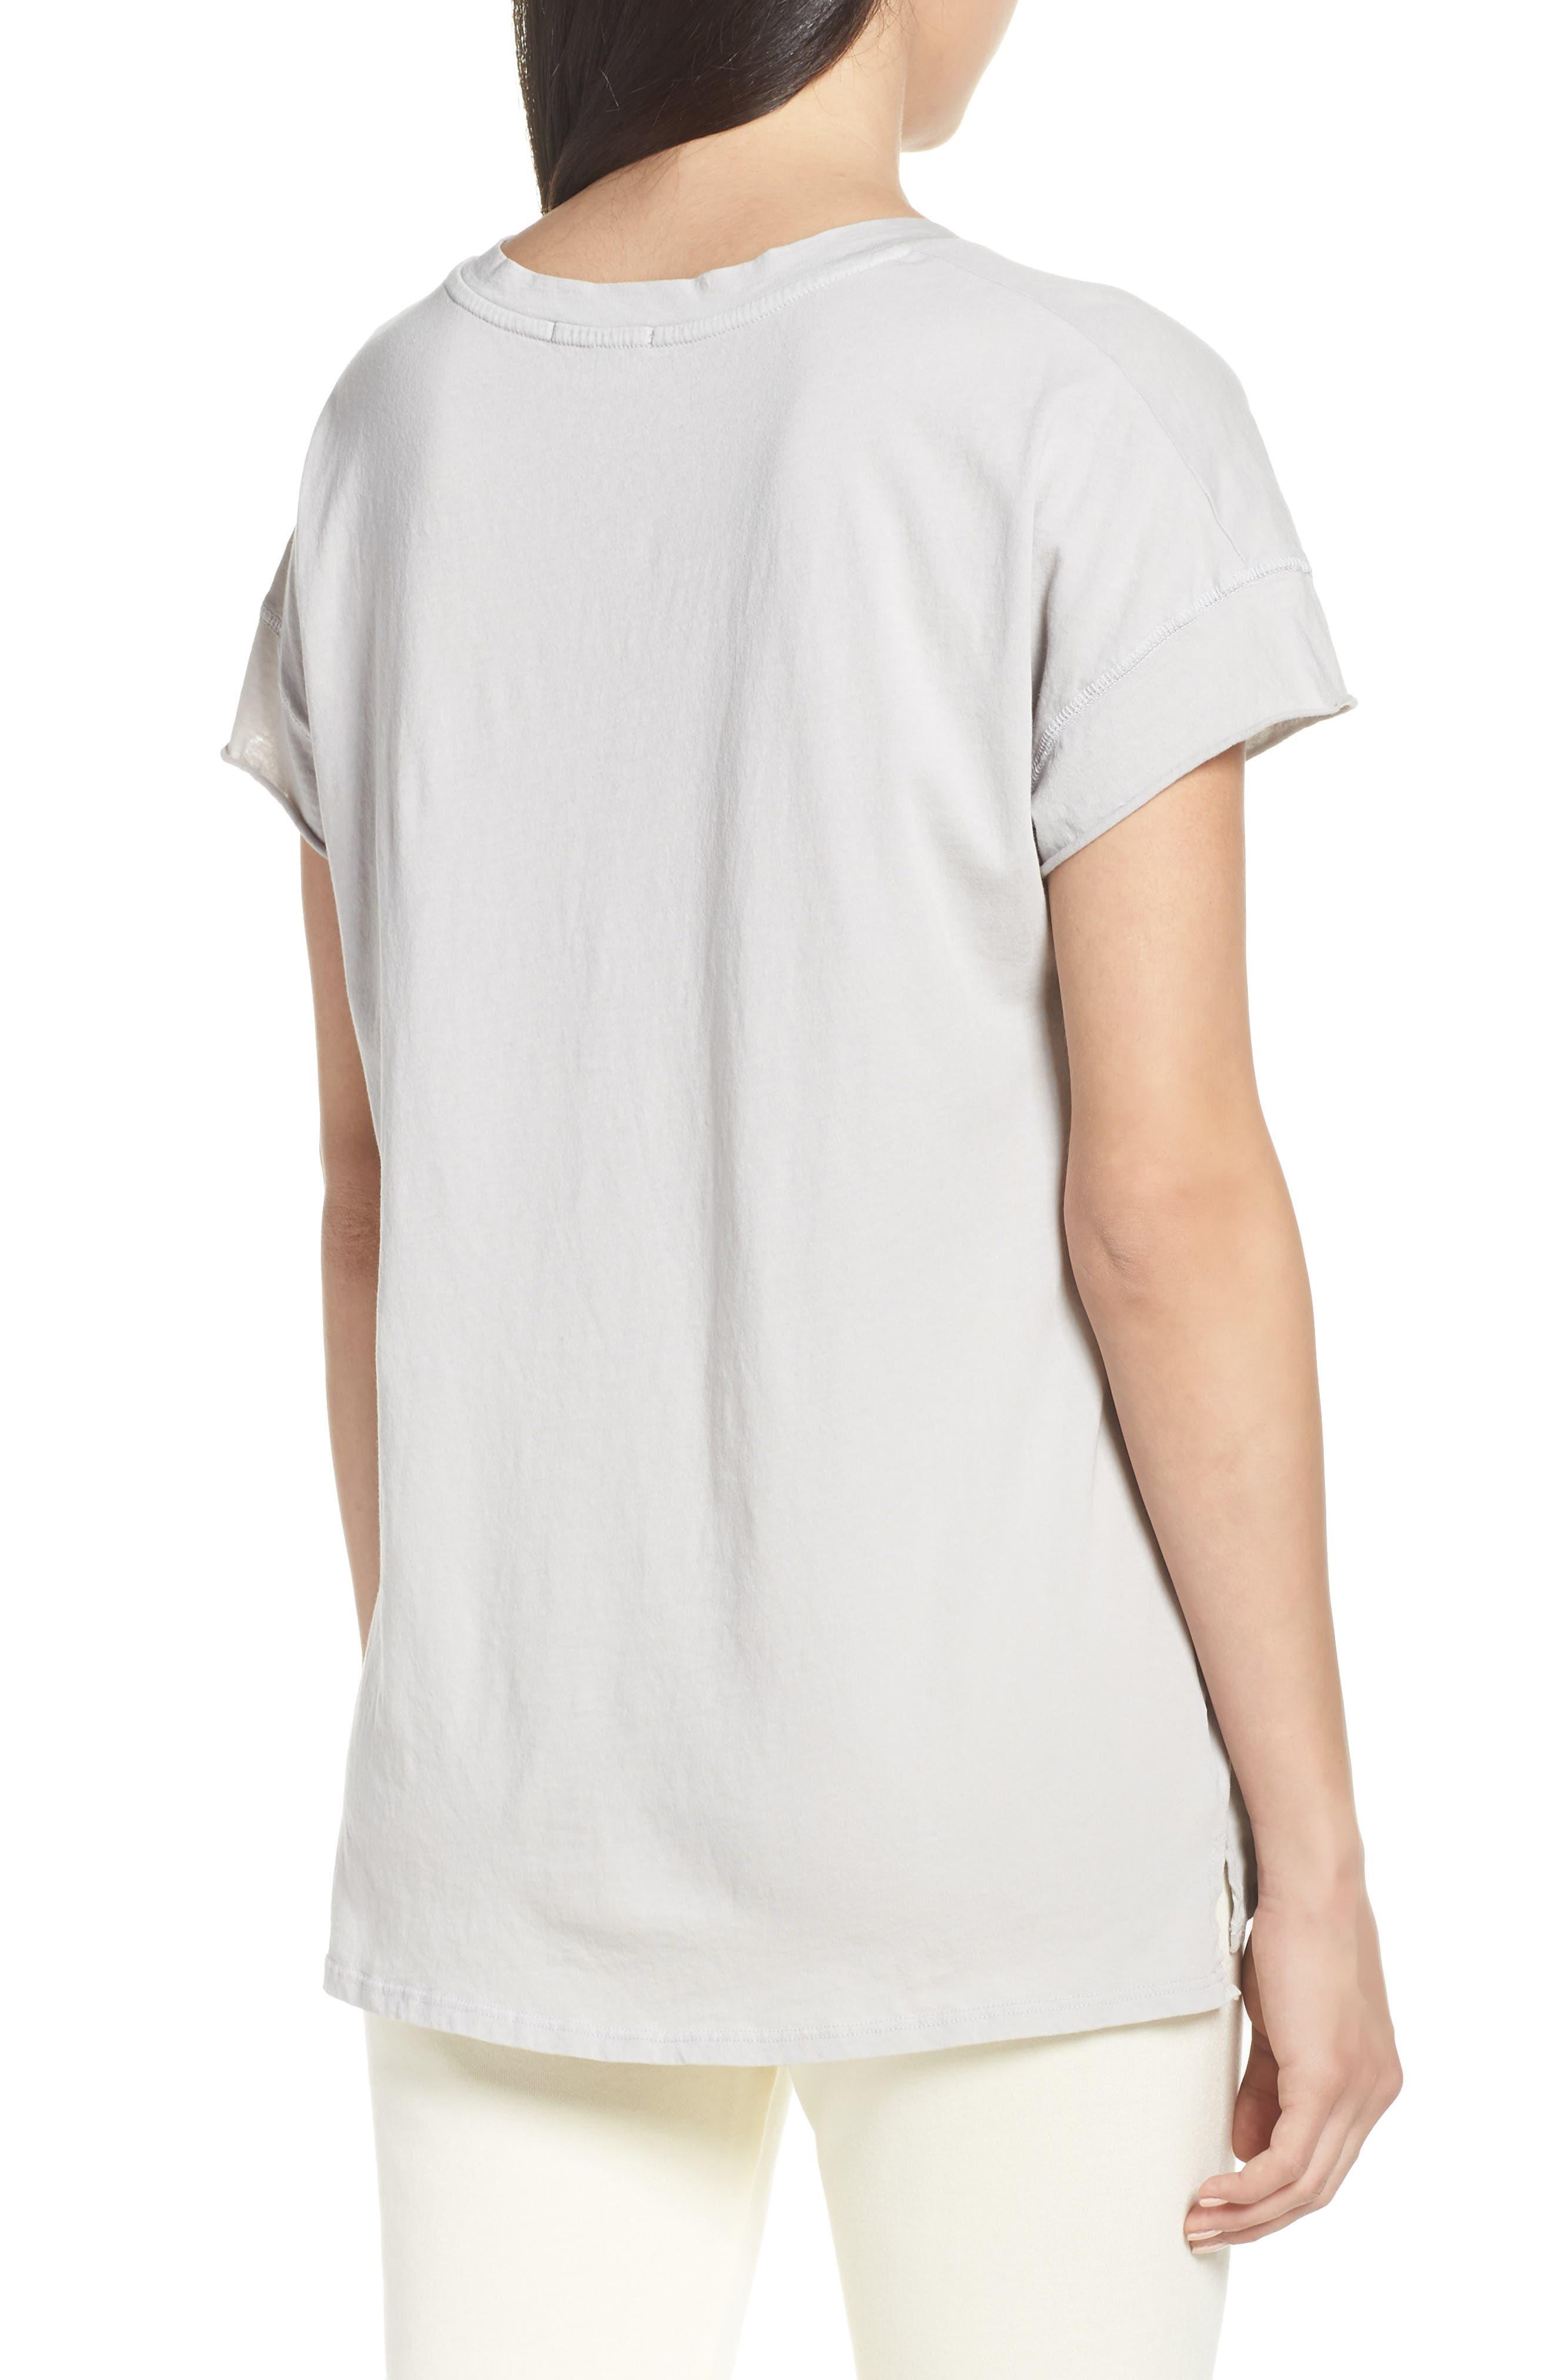 f04eaffb0231 Women's David Lerner Clothing | Nordstrom